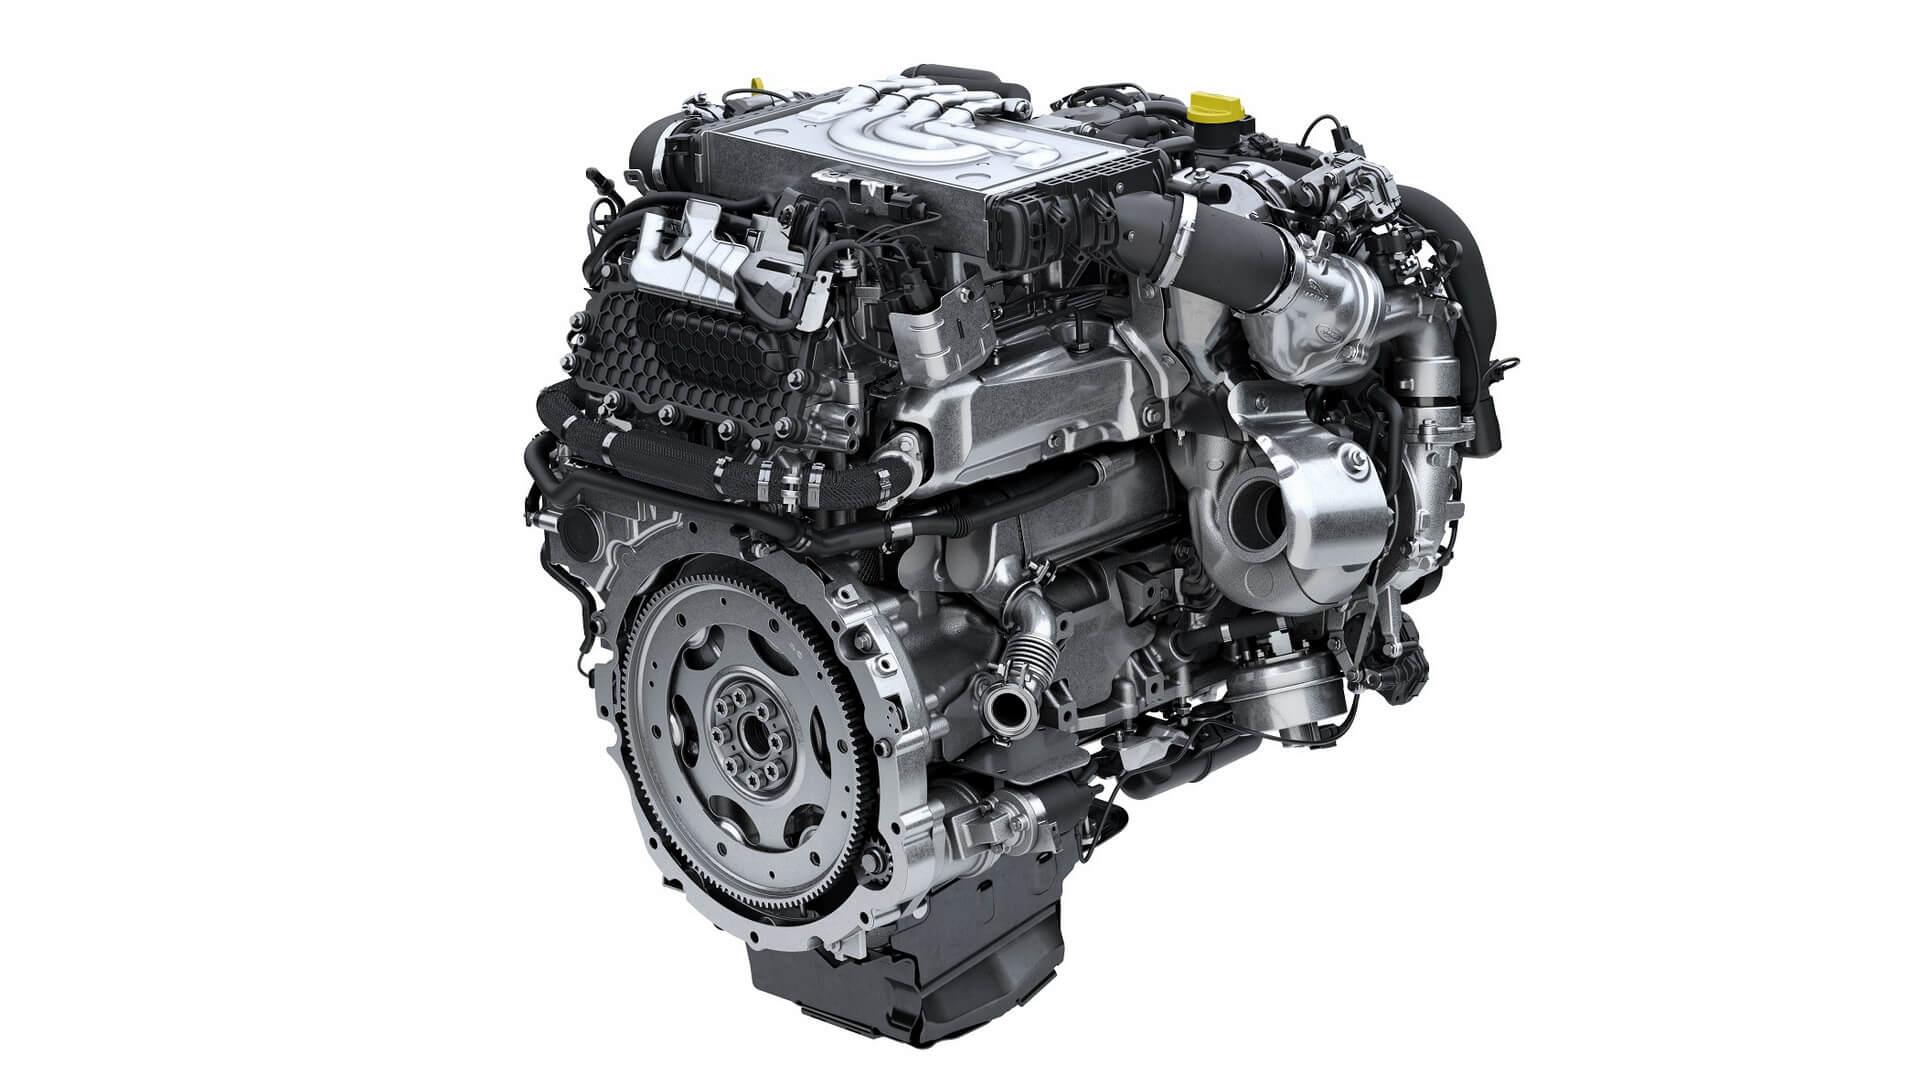 Шестициліндровий дизельний двигун Range Rover Ingenium з технологію м'якого гібрида 48 В